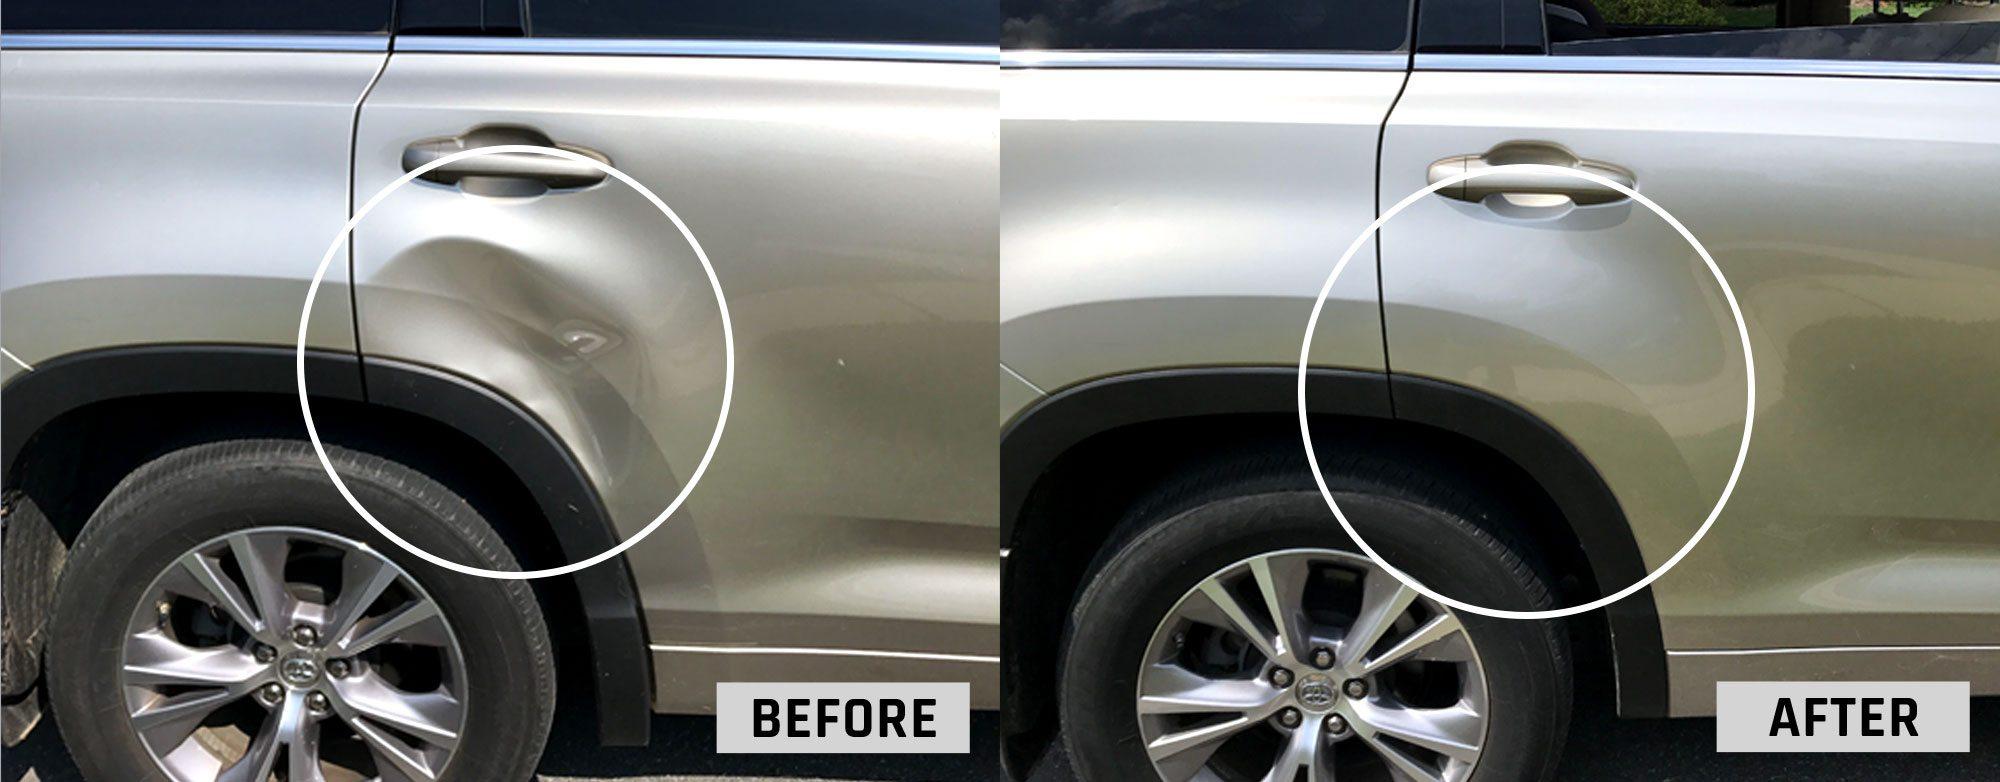 MrCAP DentRemoval™ - Car Dent Repair In Dubai